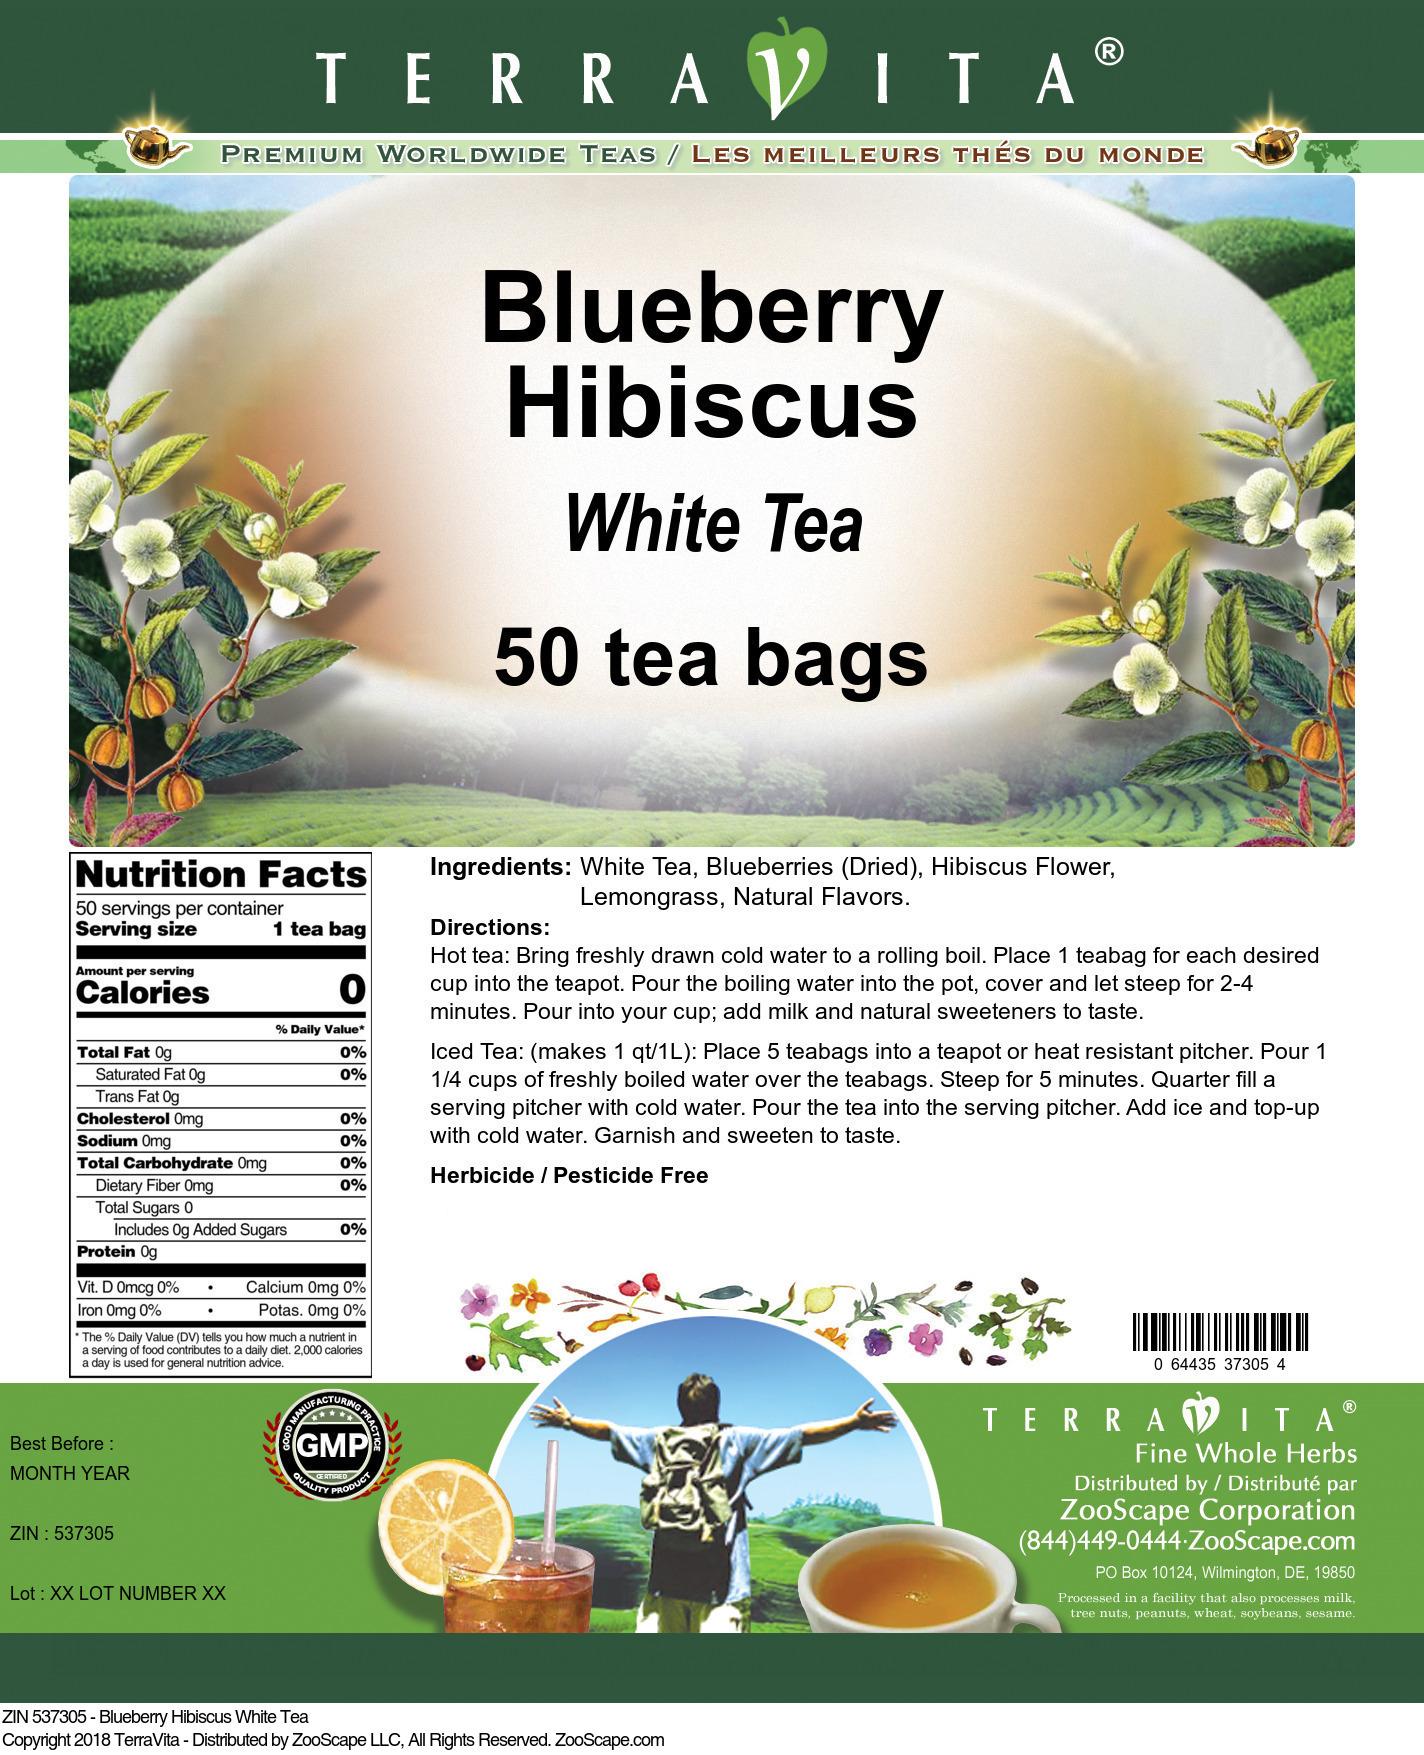 Blueberry Hibiscus White Tea